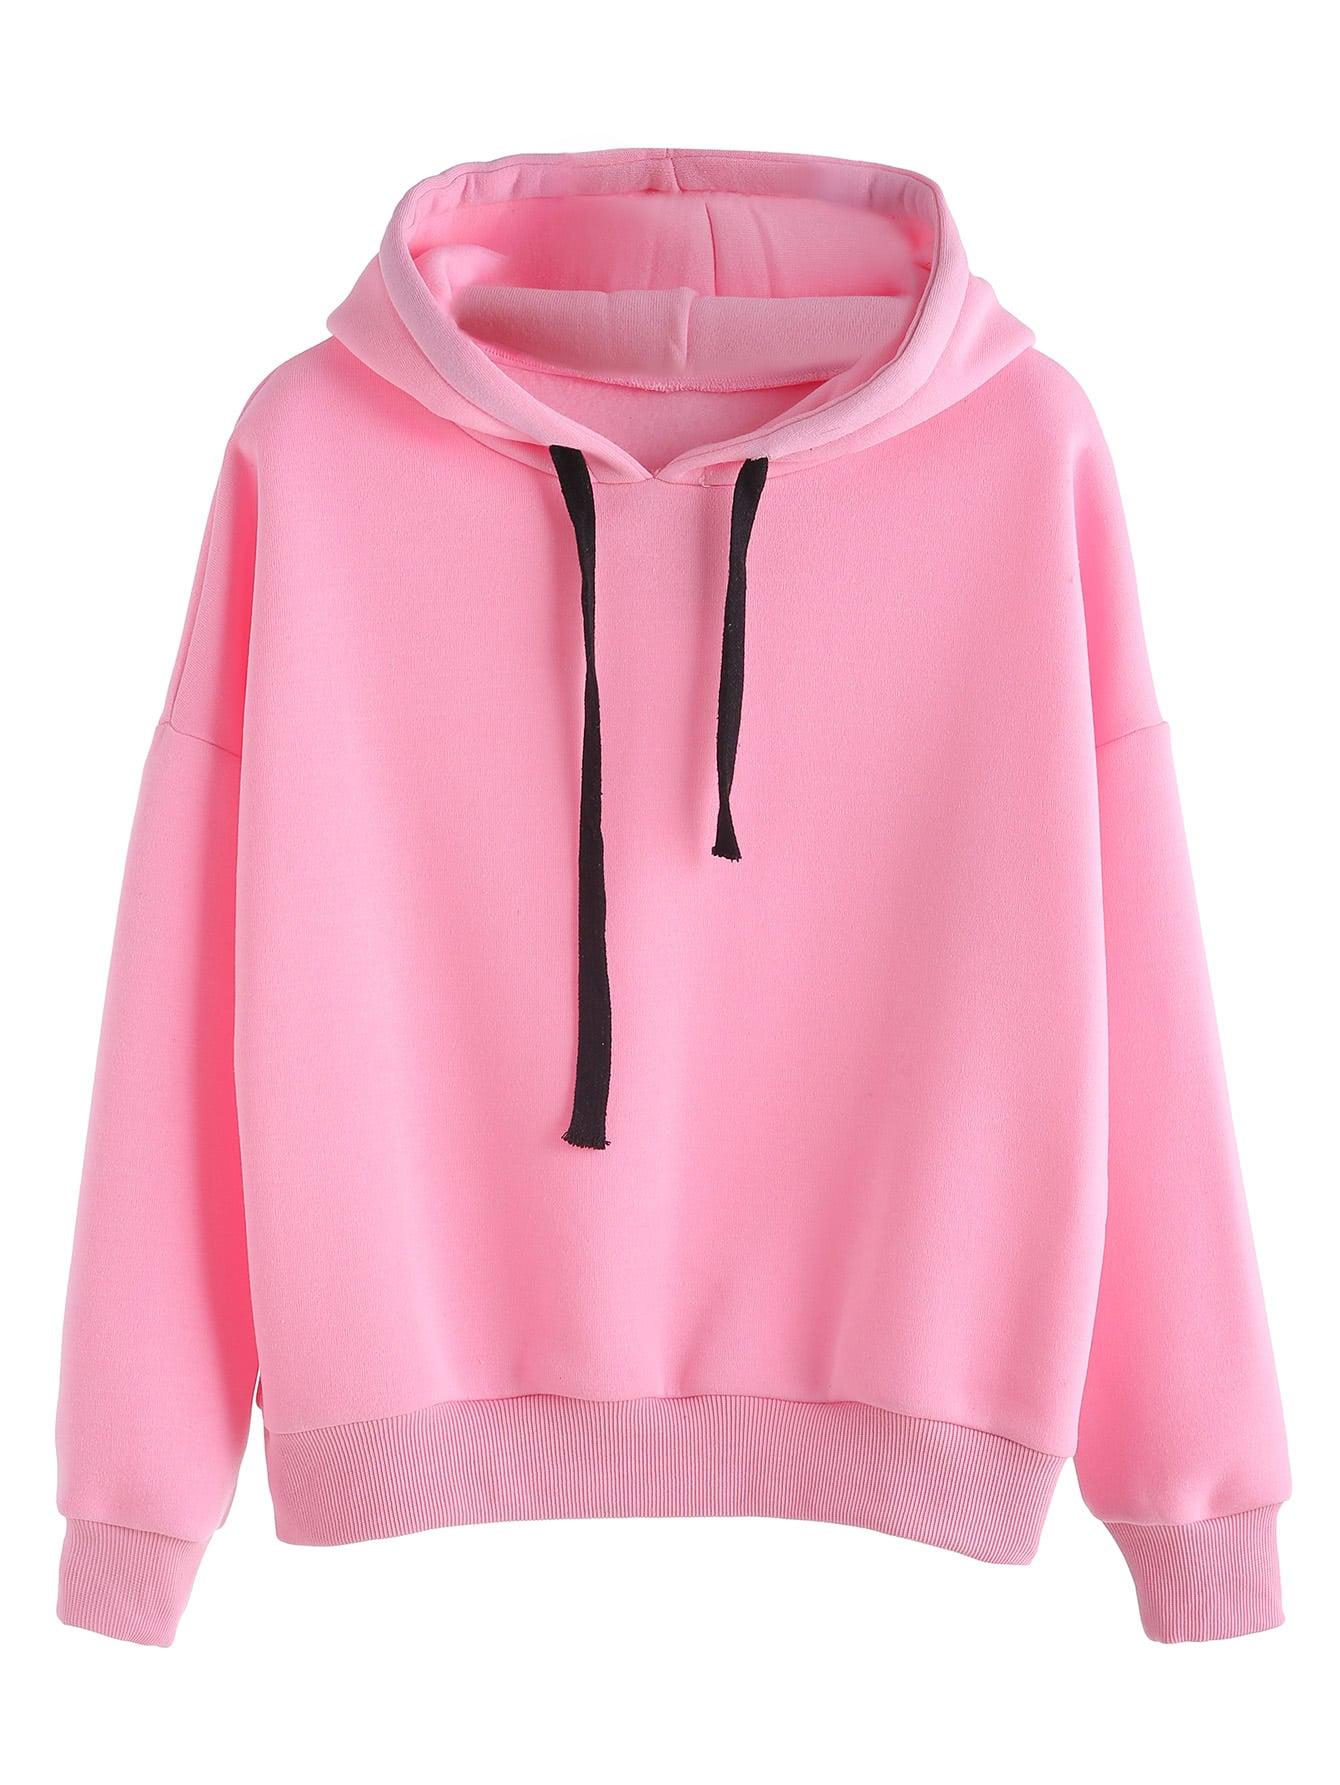 sweatshirt160829125_2